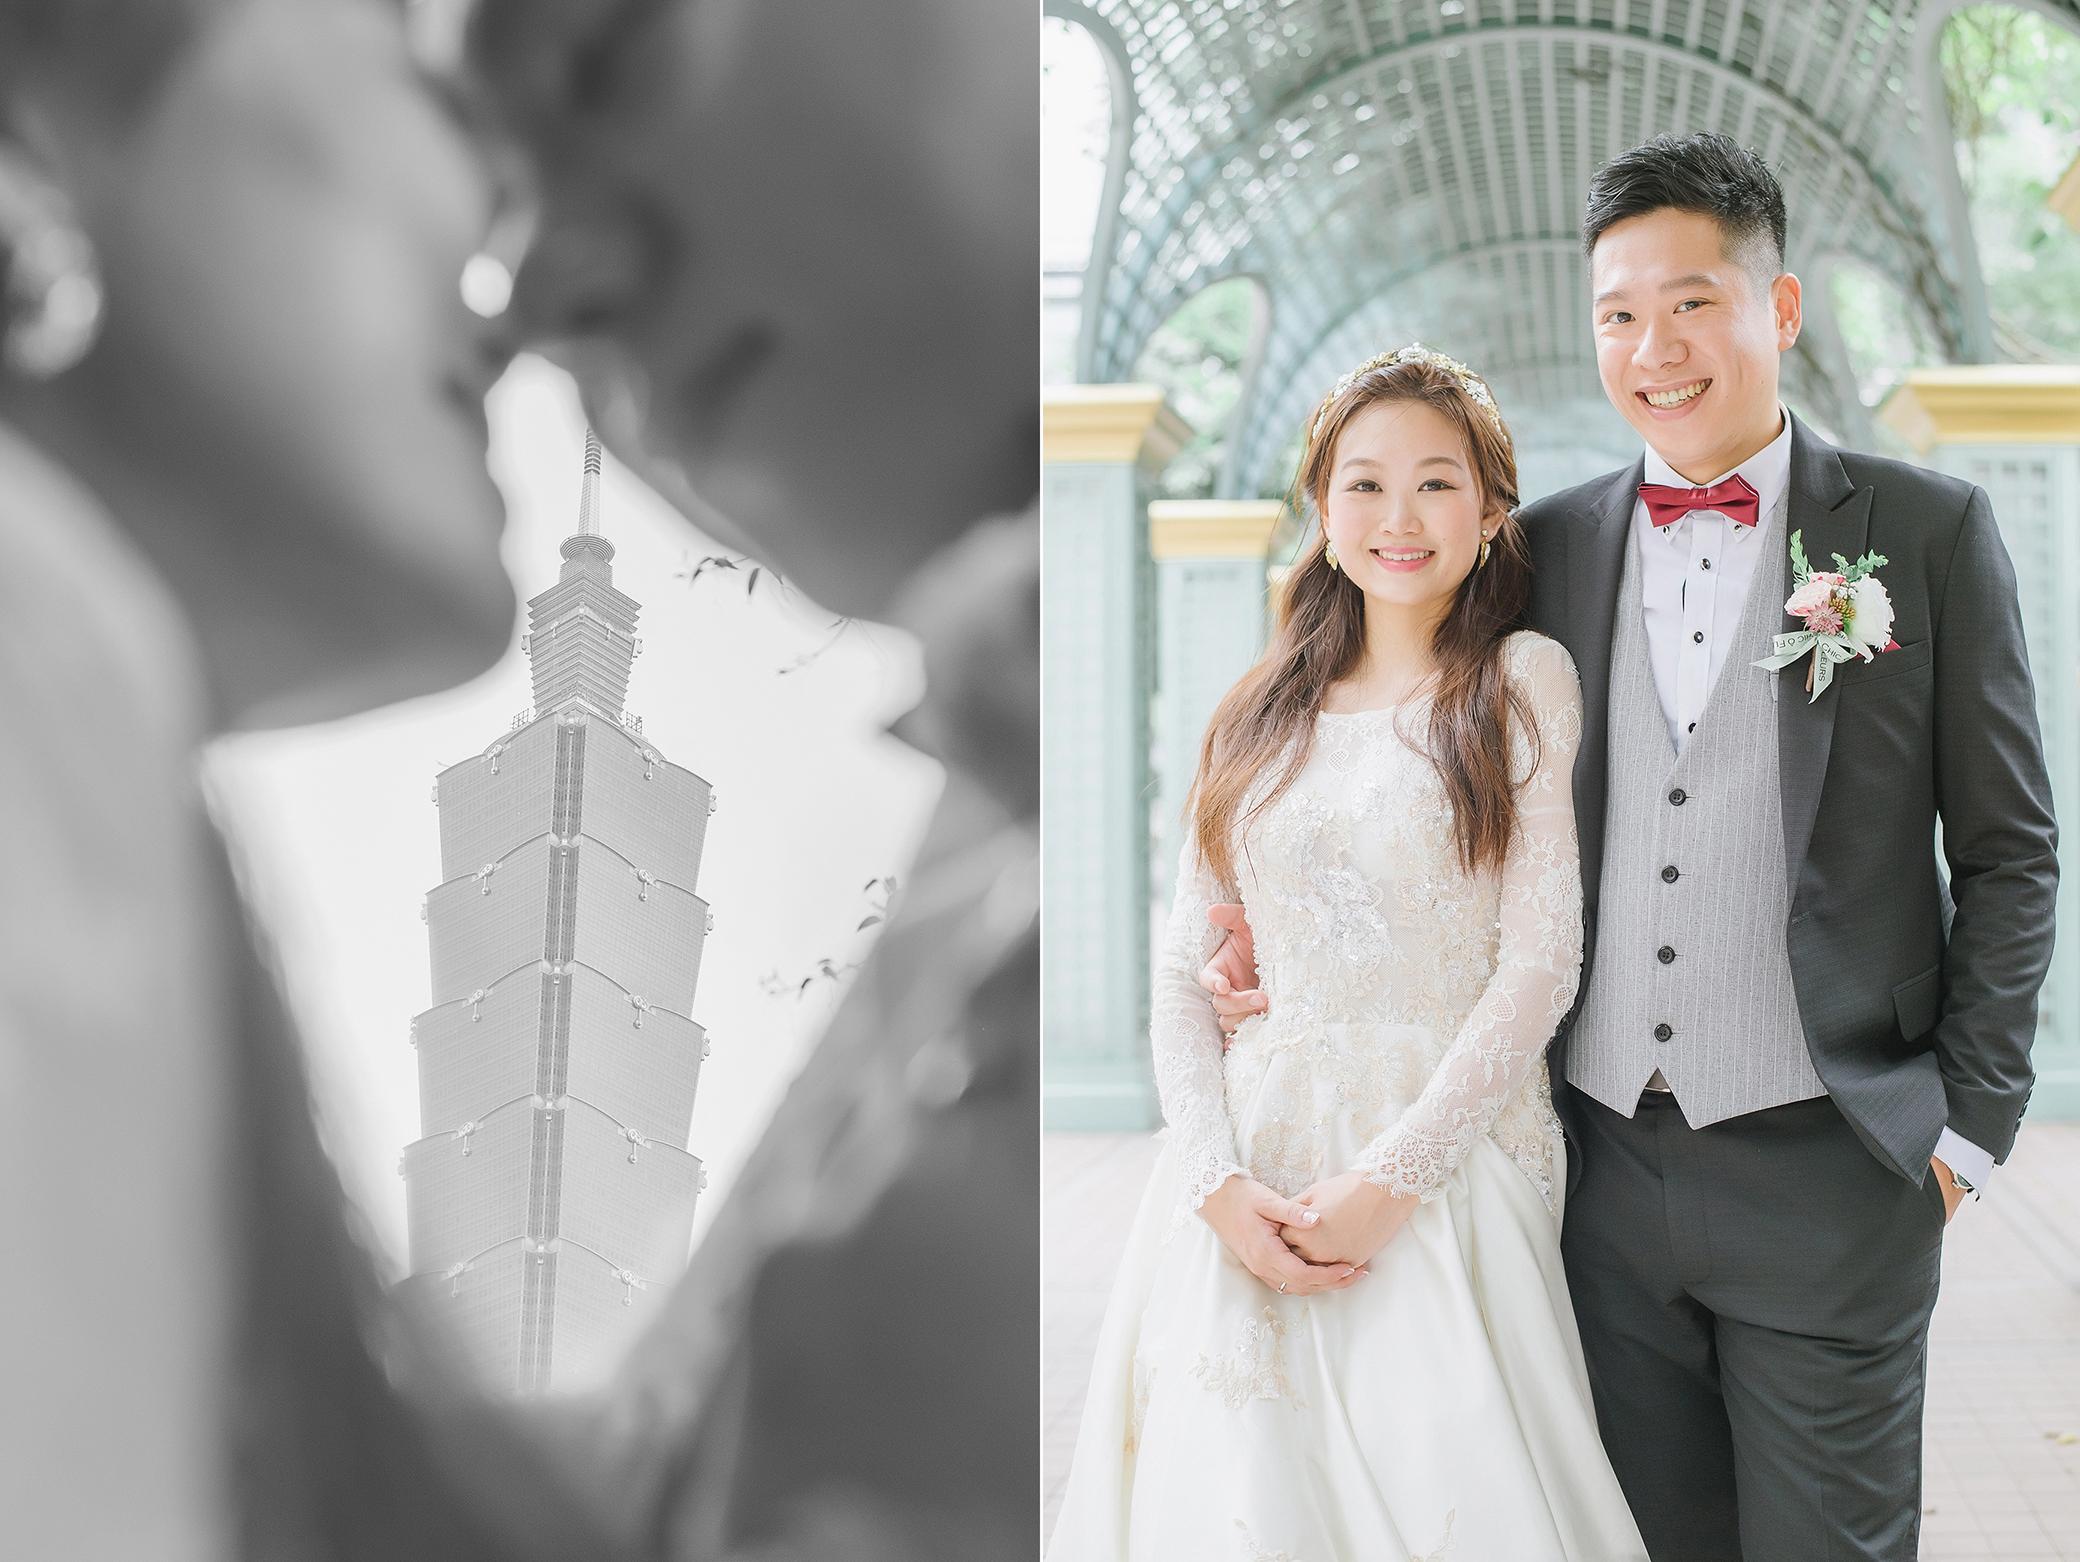 nickchang-wedding-%e5%af%92%e8%88%8d%e8%89%be%e9%ba%97-fineart-40